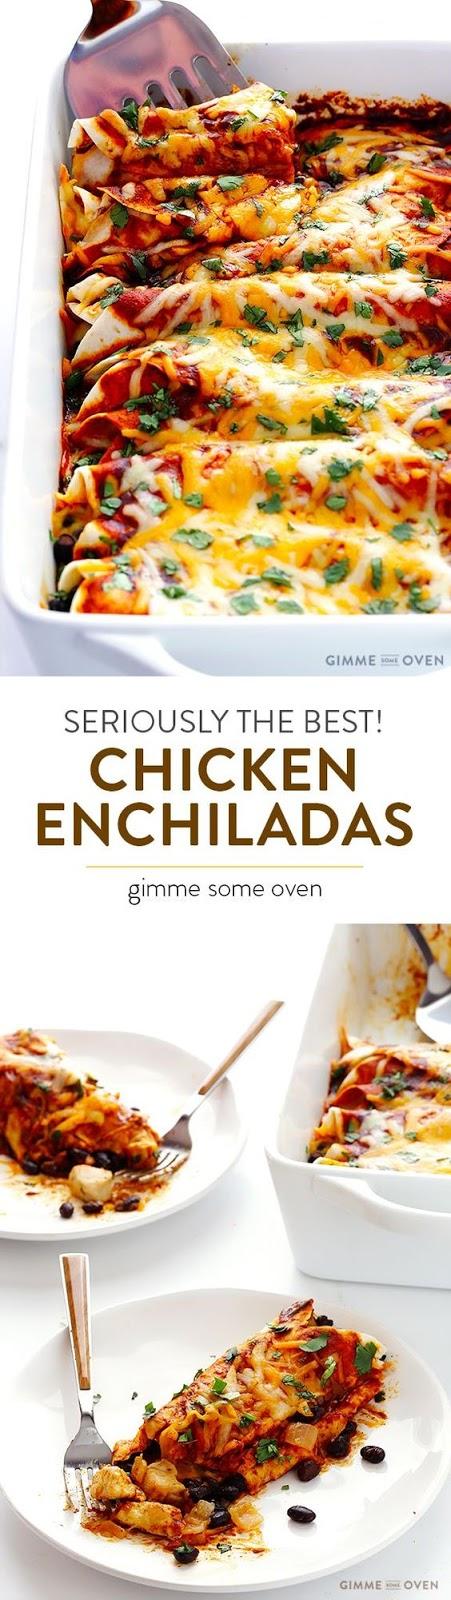 Best Chícken Enchíladas Ever!